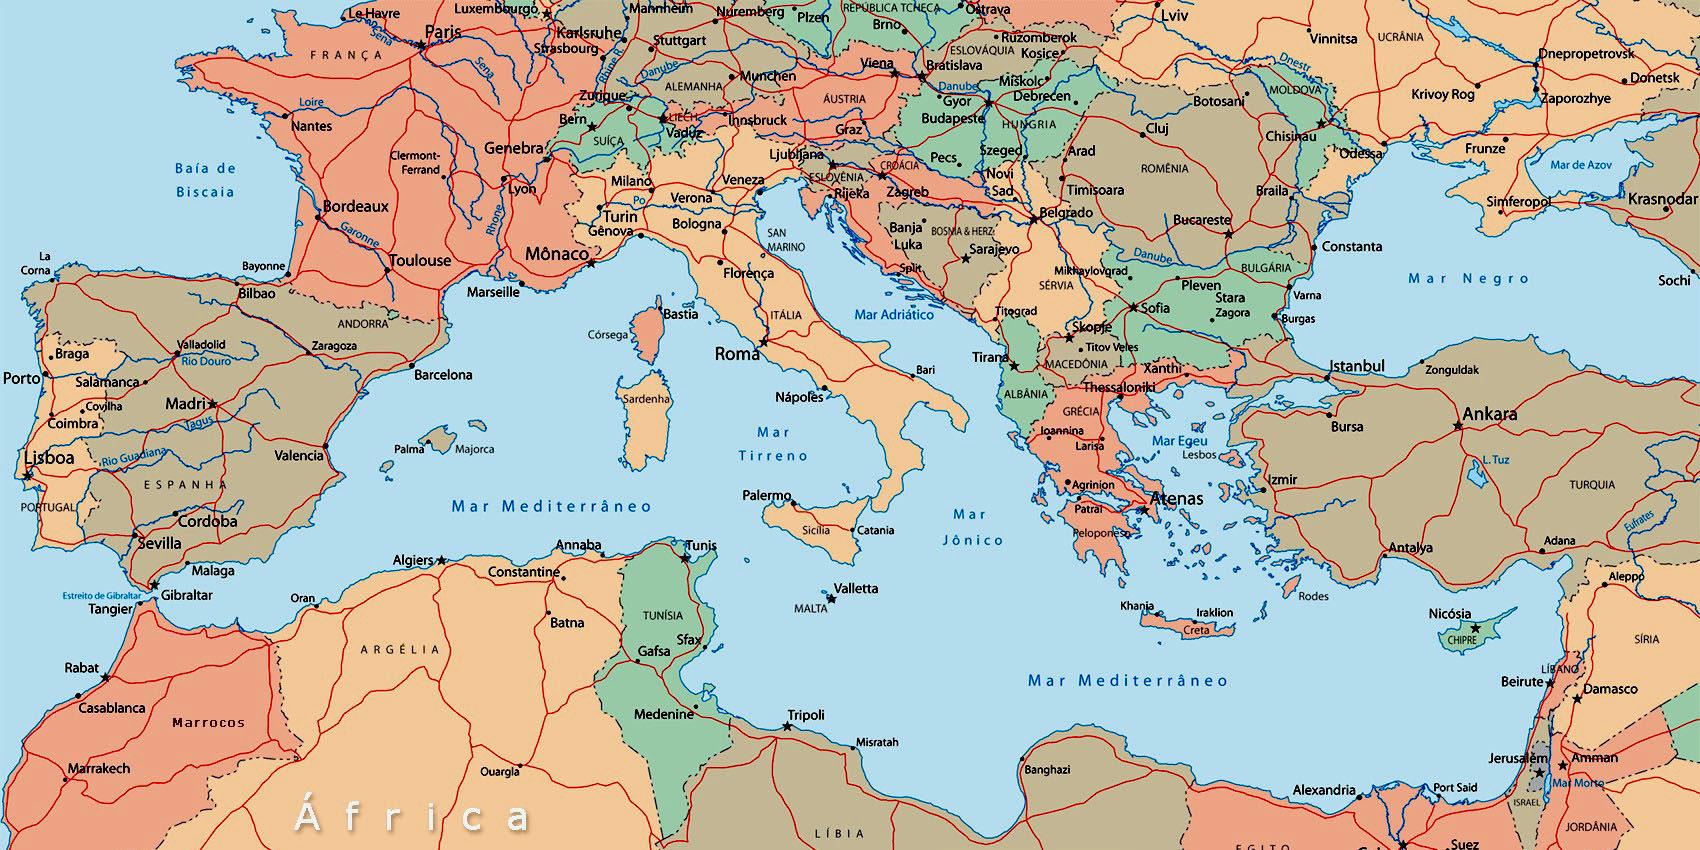 Cartina Russia Politica In Italiano.Un Pivot Mediterraneo Per L Italia Eurasia Rivista Di